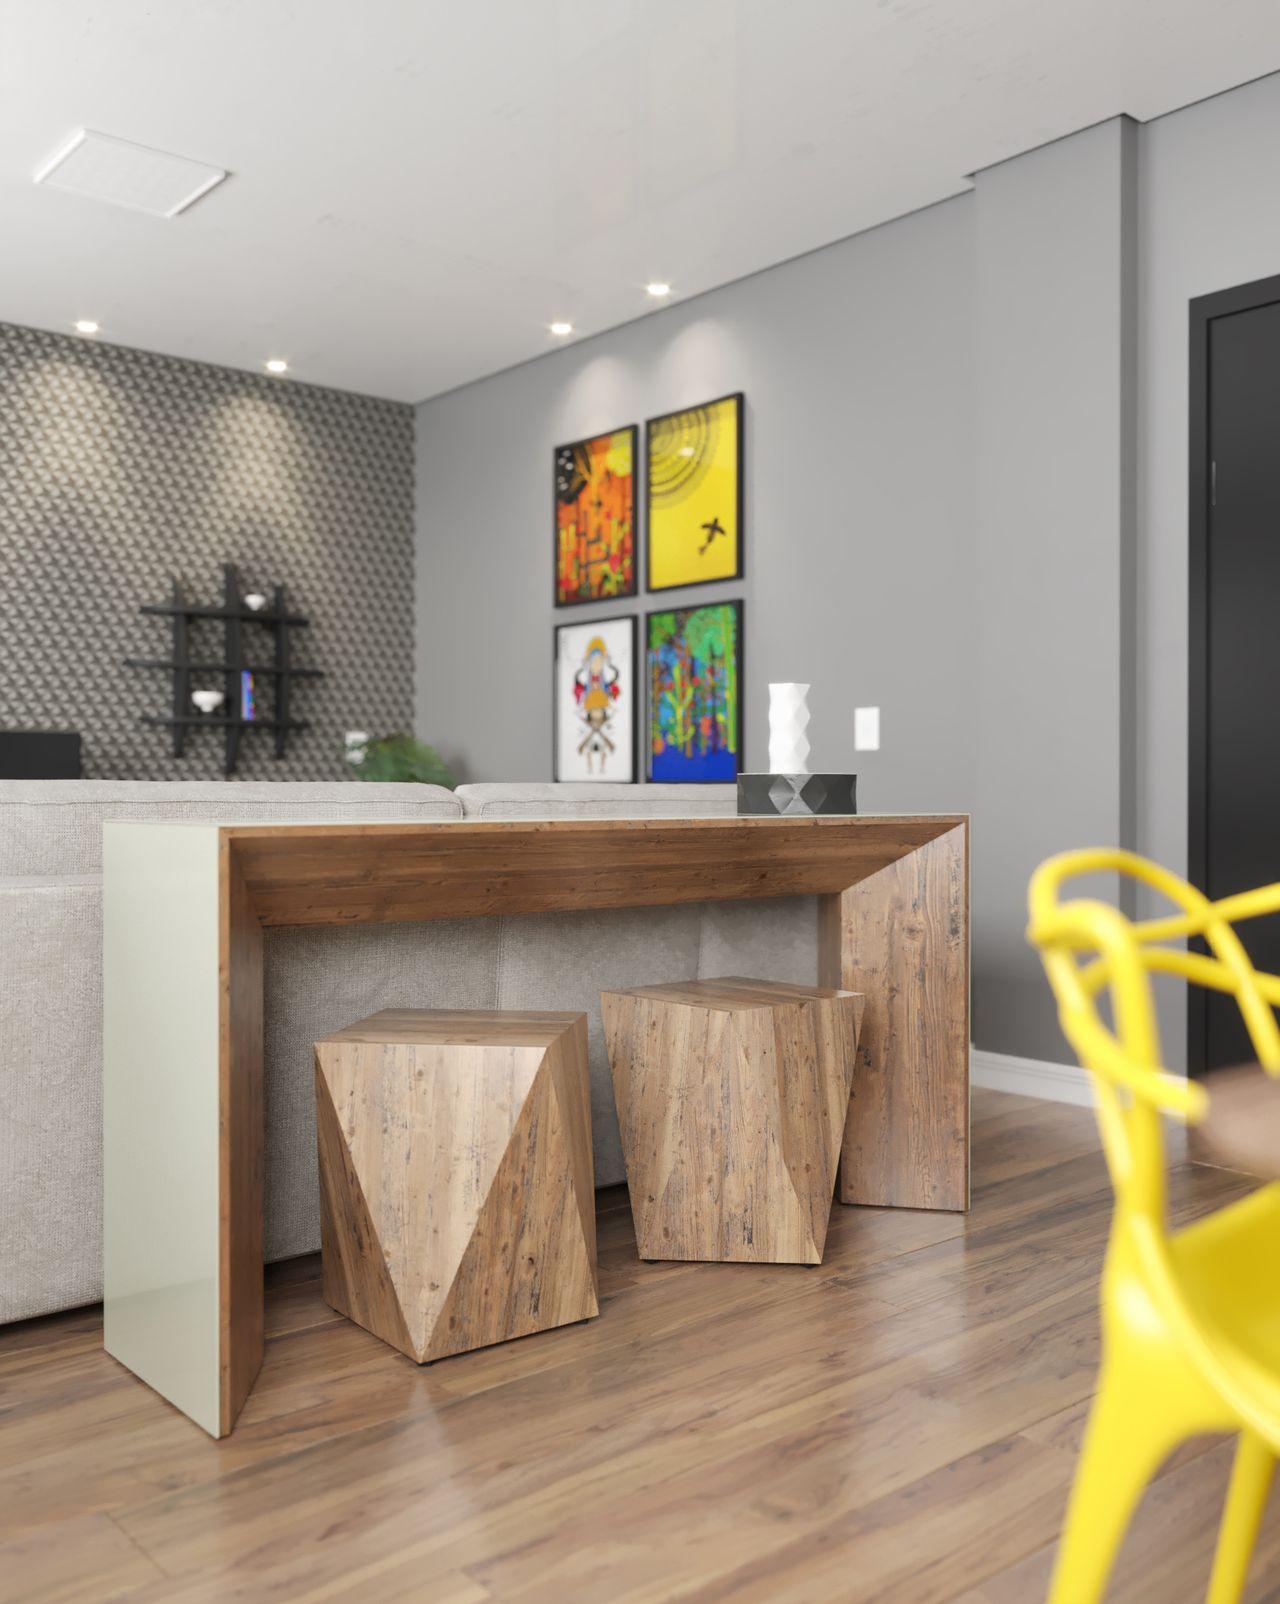 aparador-moderno-com-bancos-de-madeira